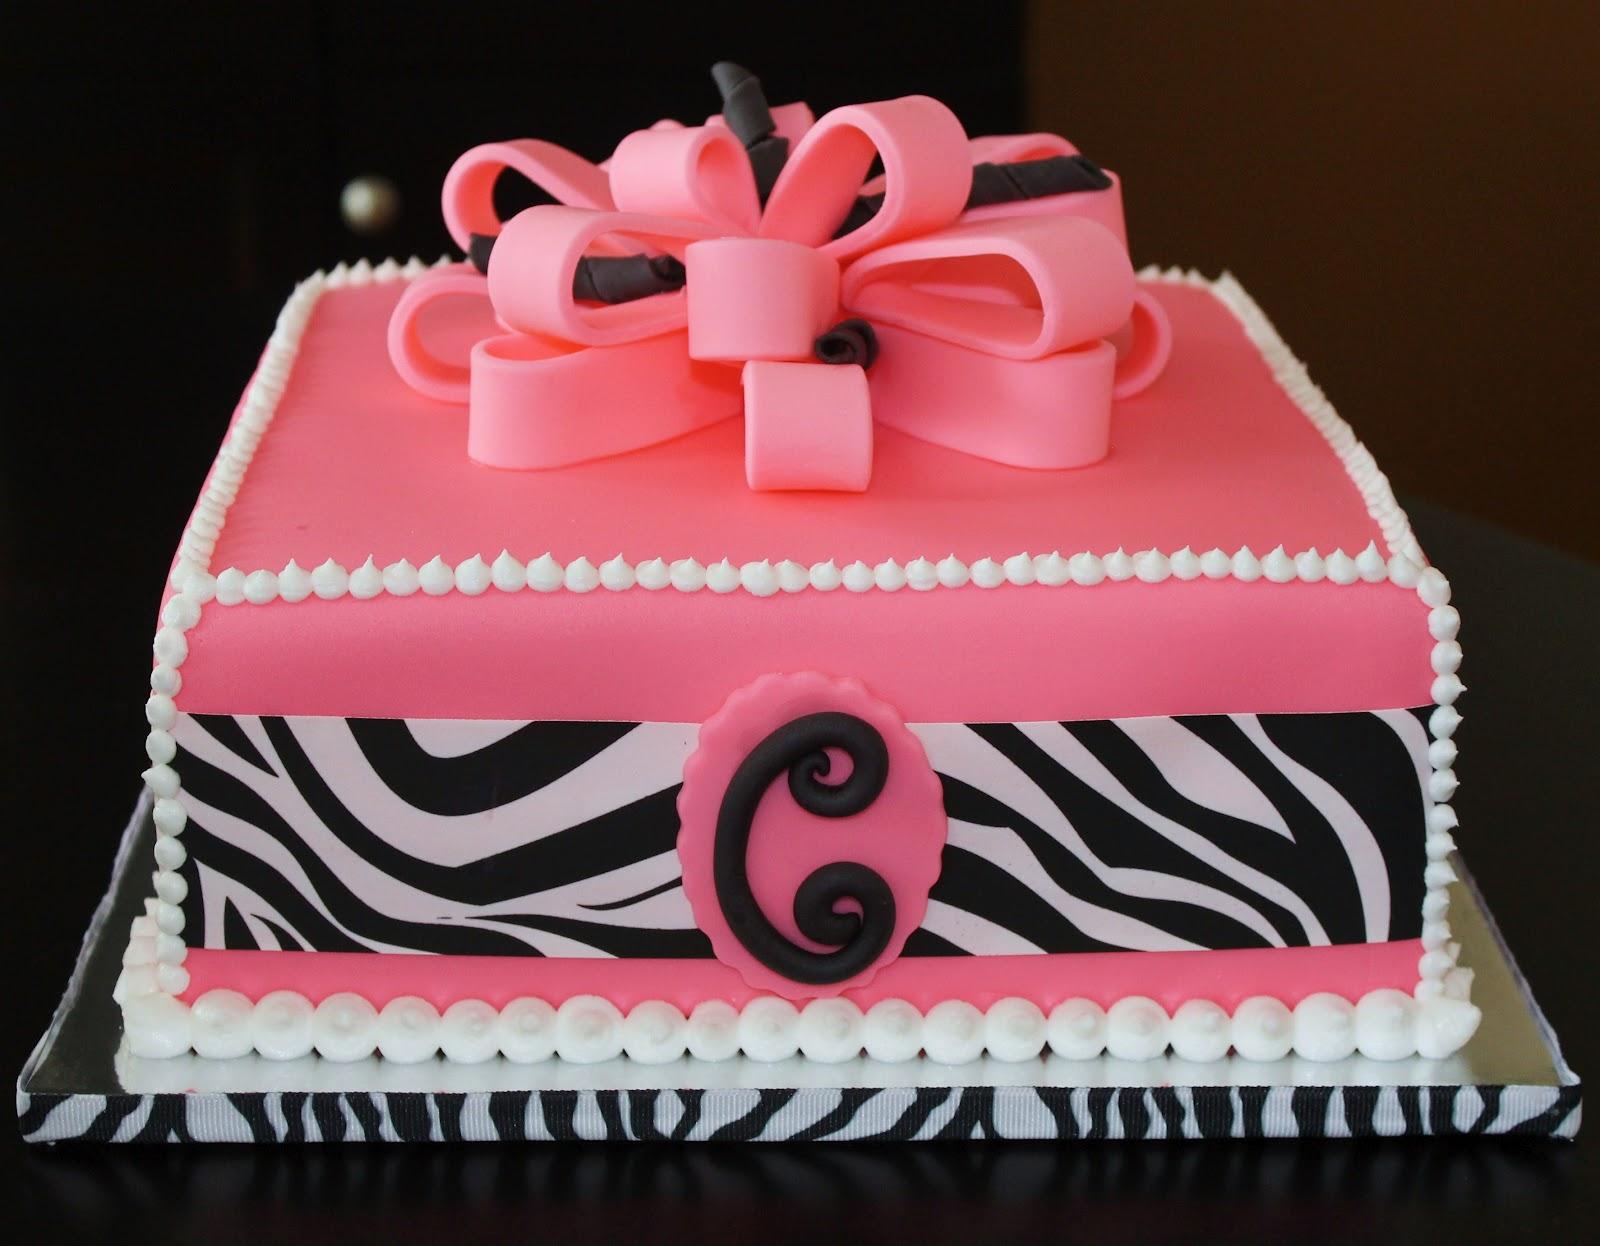 10 21 Unique Birthday Cakes Diva Photo Diva Happy 50th Birthday